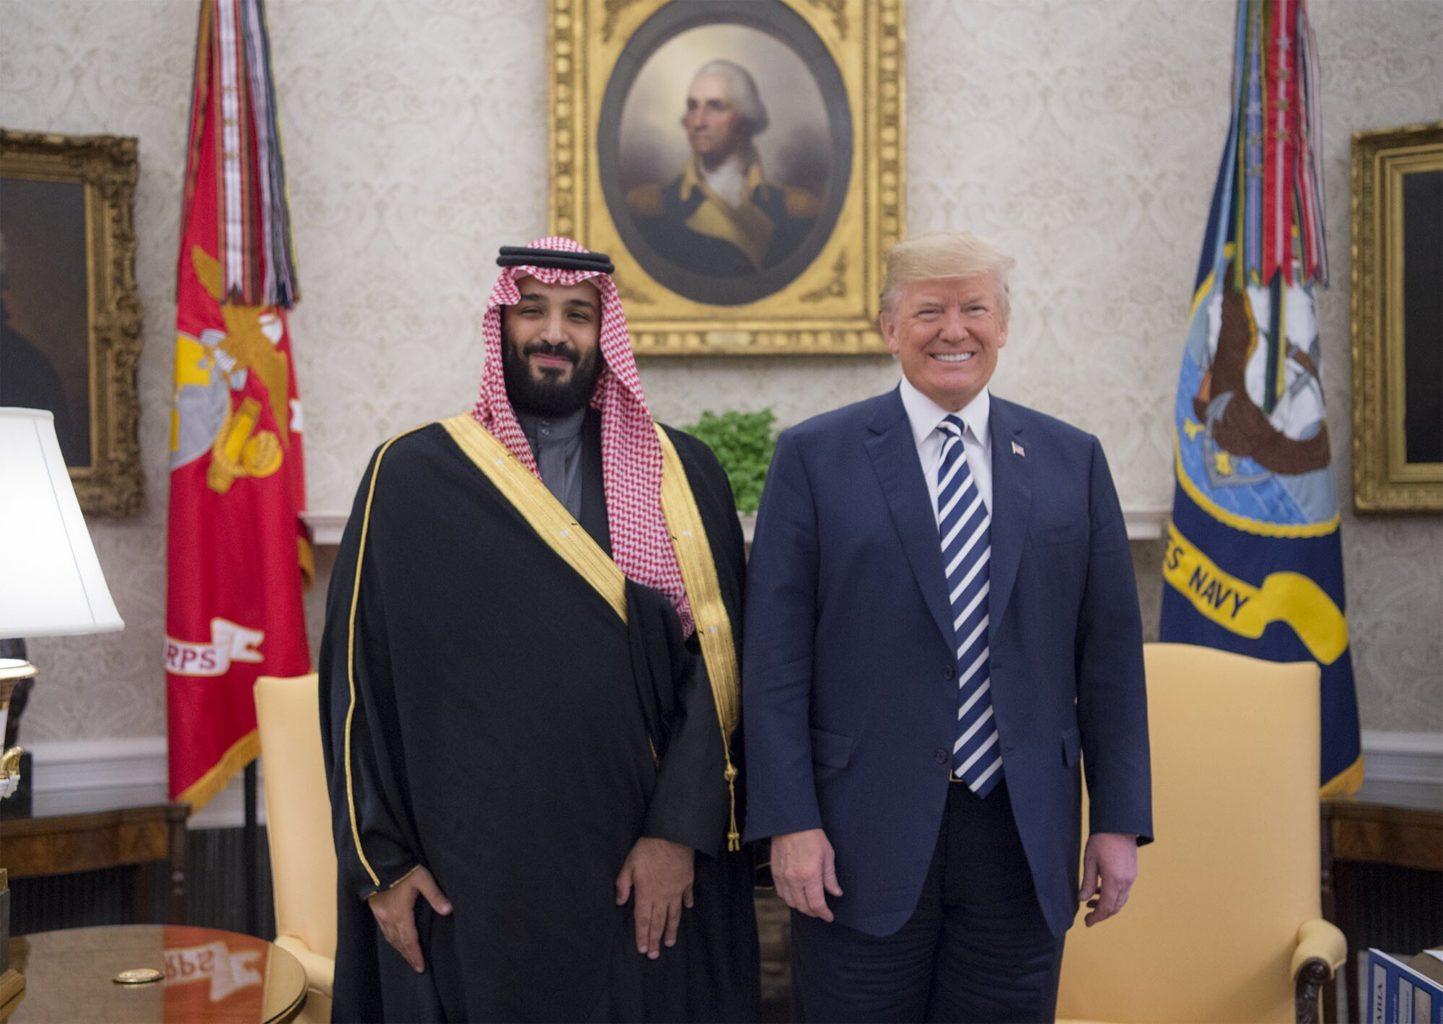 Rencontre entre Trump et le prince d'Arabie Saoudite